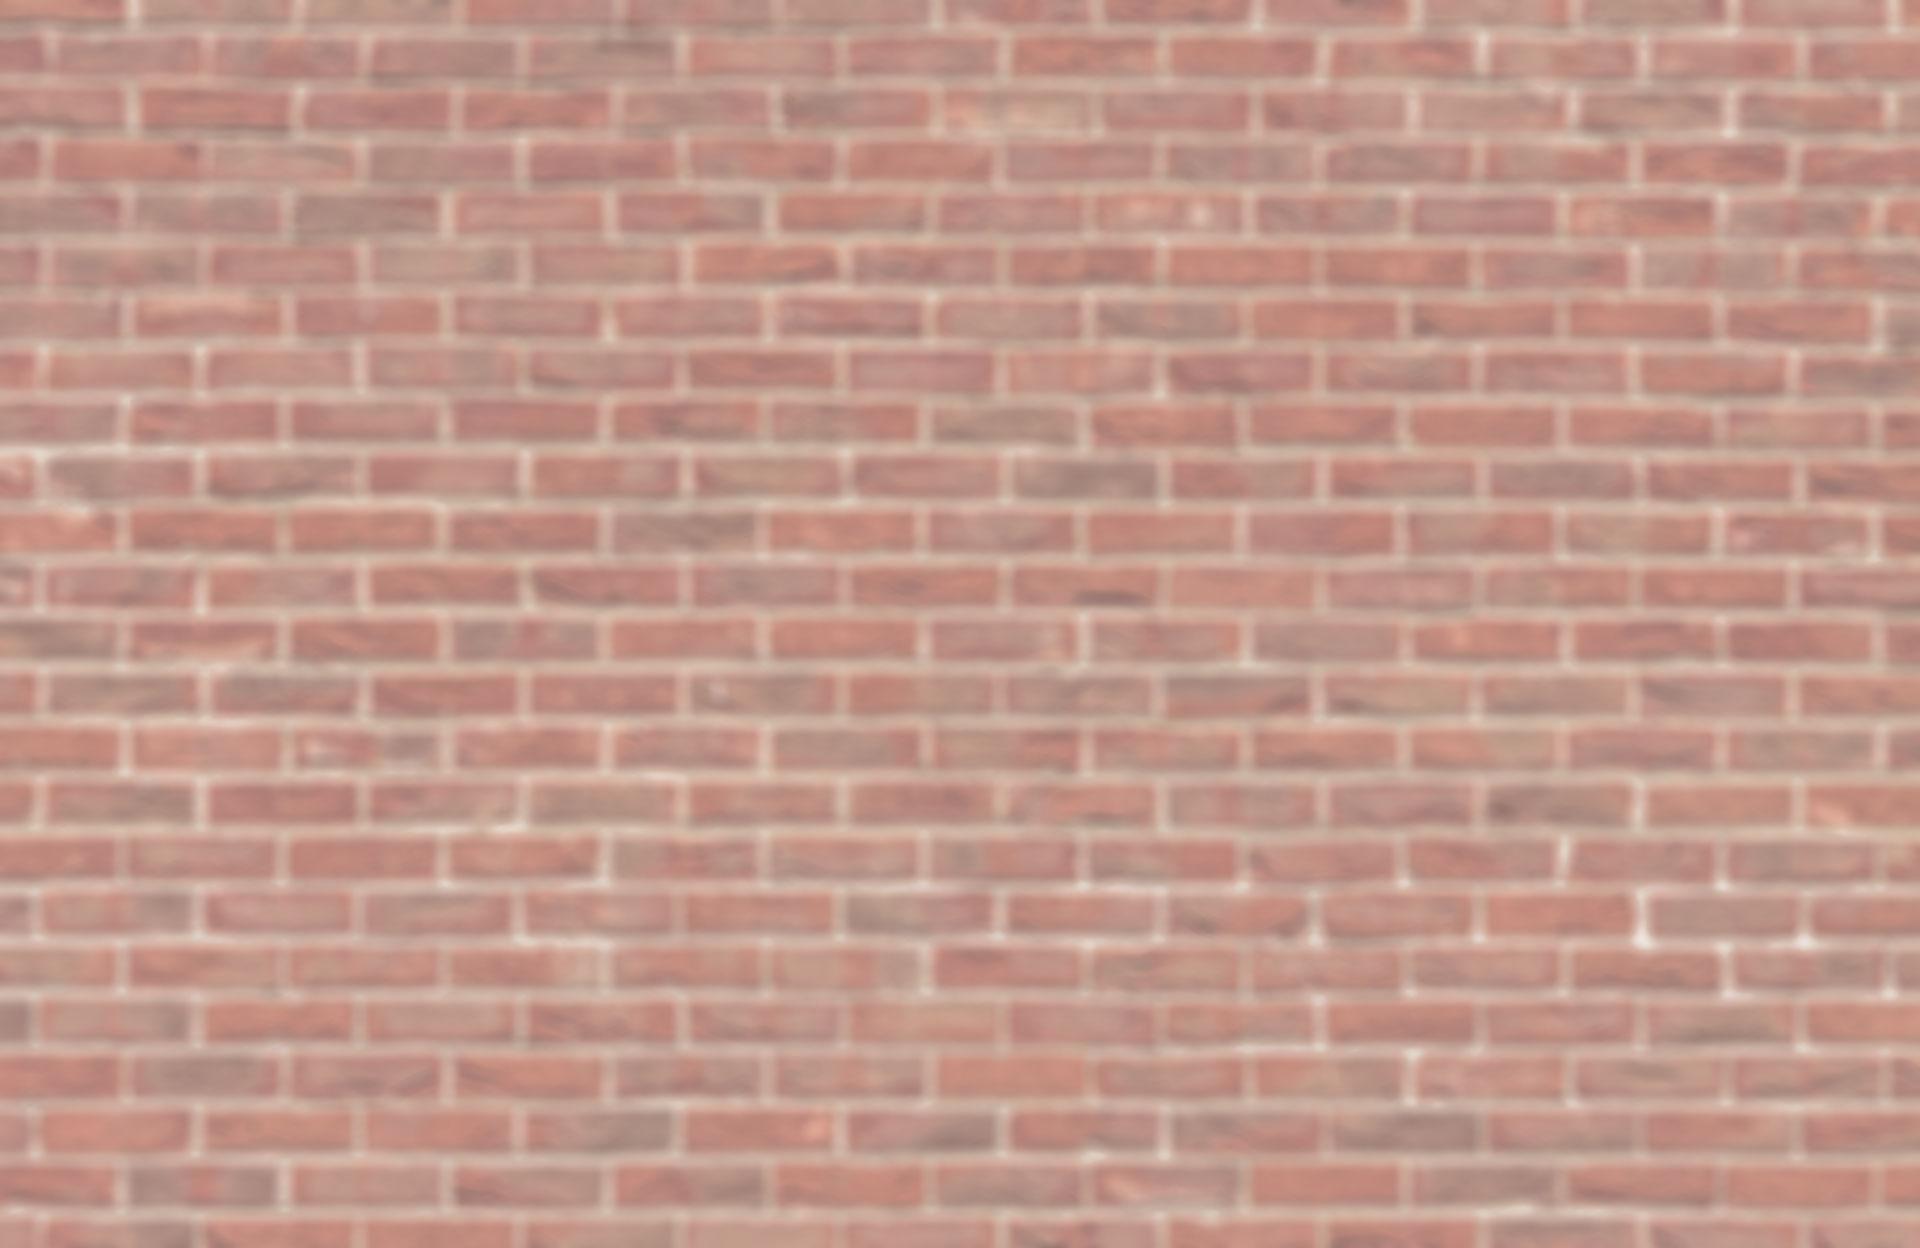 Photo d'un mur de brique pour arrière plan image d'équipe de la société Tout en couleurs (TEC), spécialiste en peinture électrostatique sur site